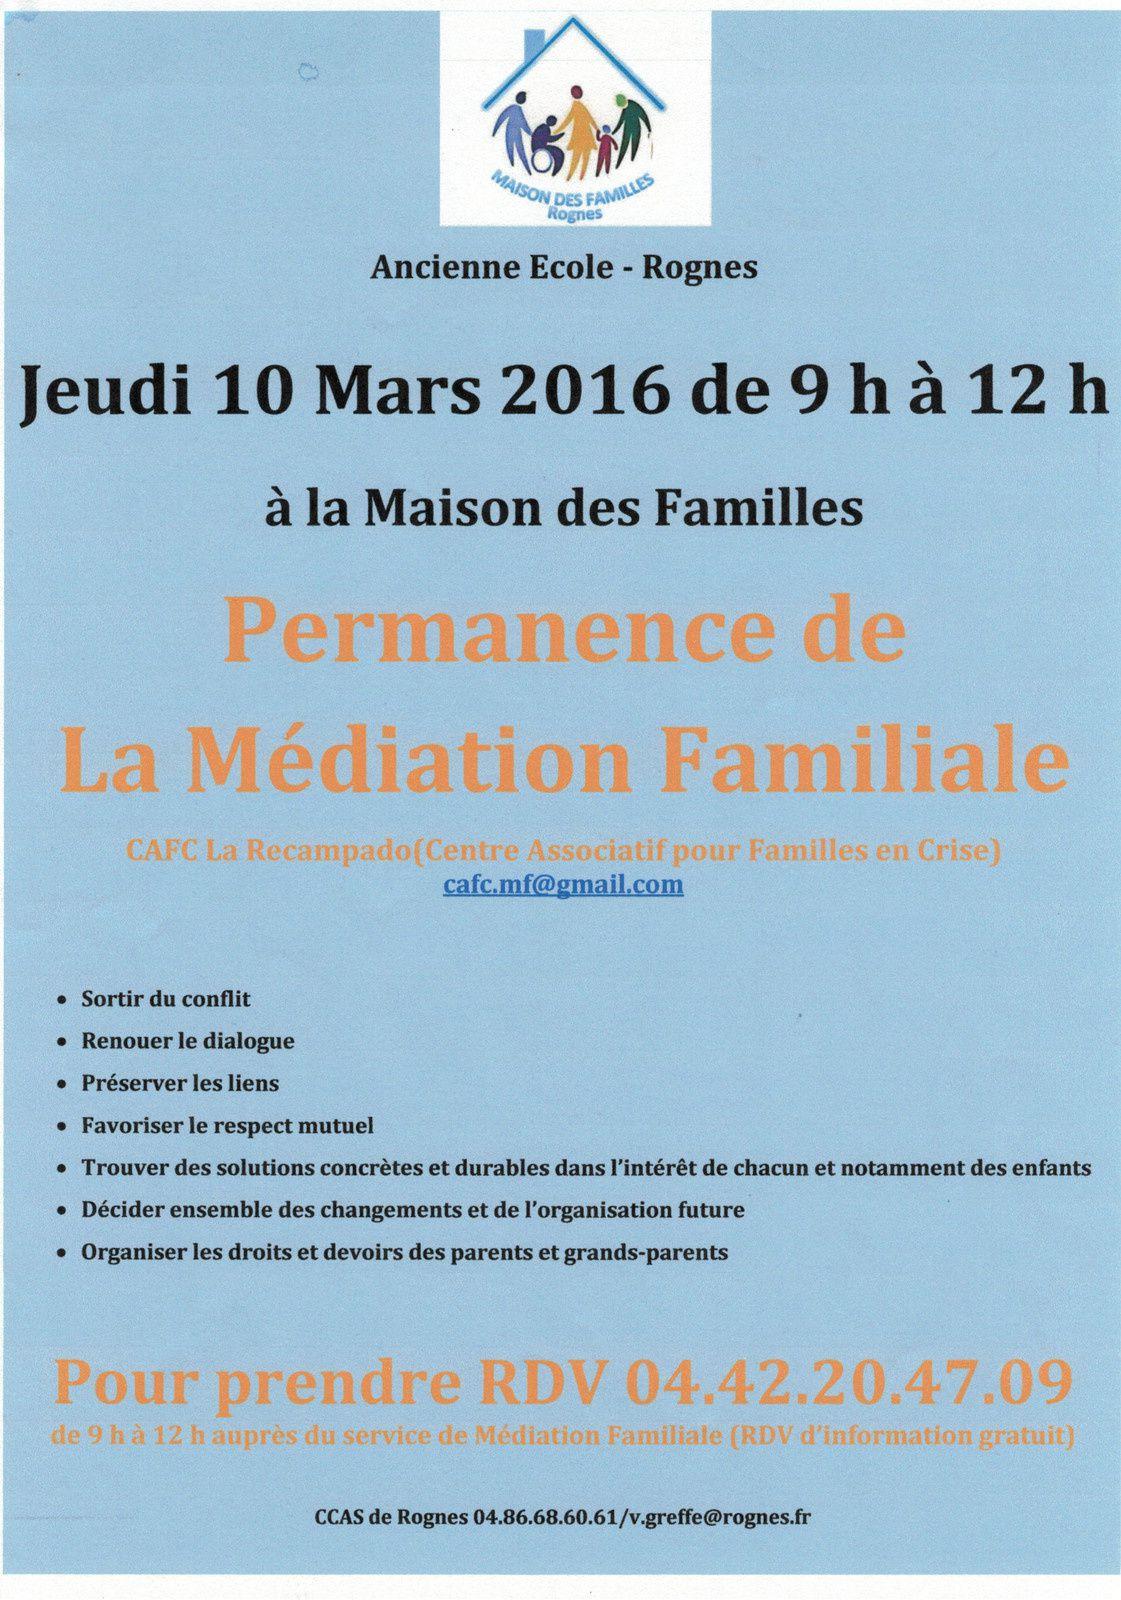 Permanence de la Médiation Familiale: Maison des Familles jeudi 10/03/2016